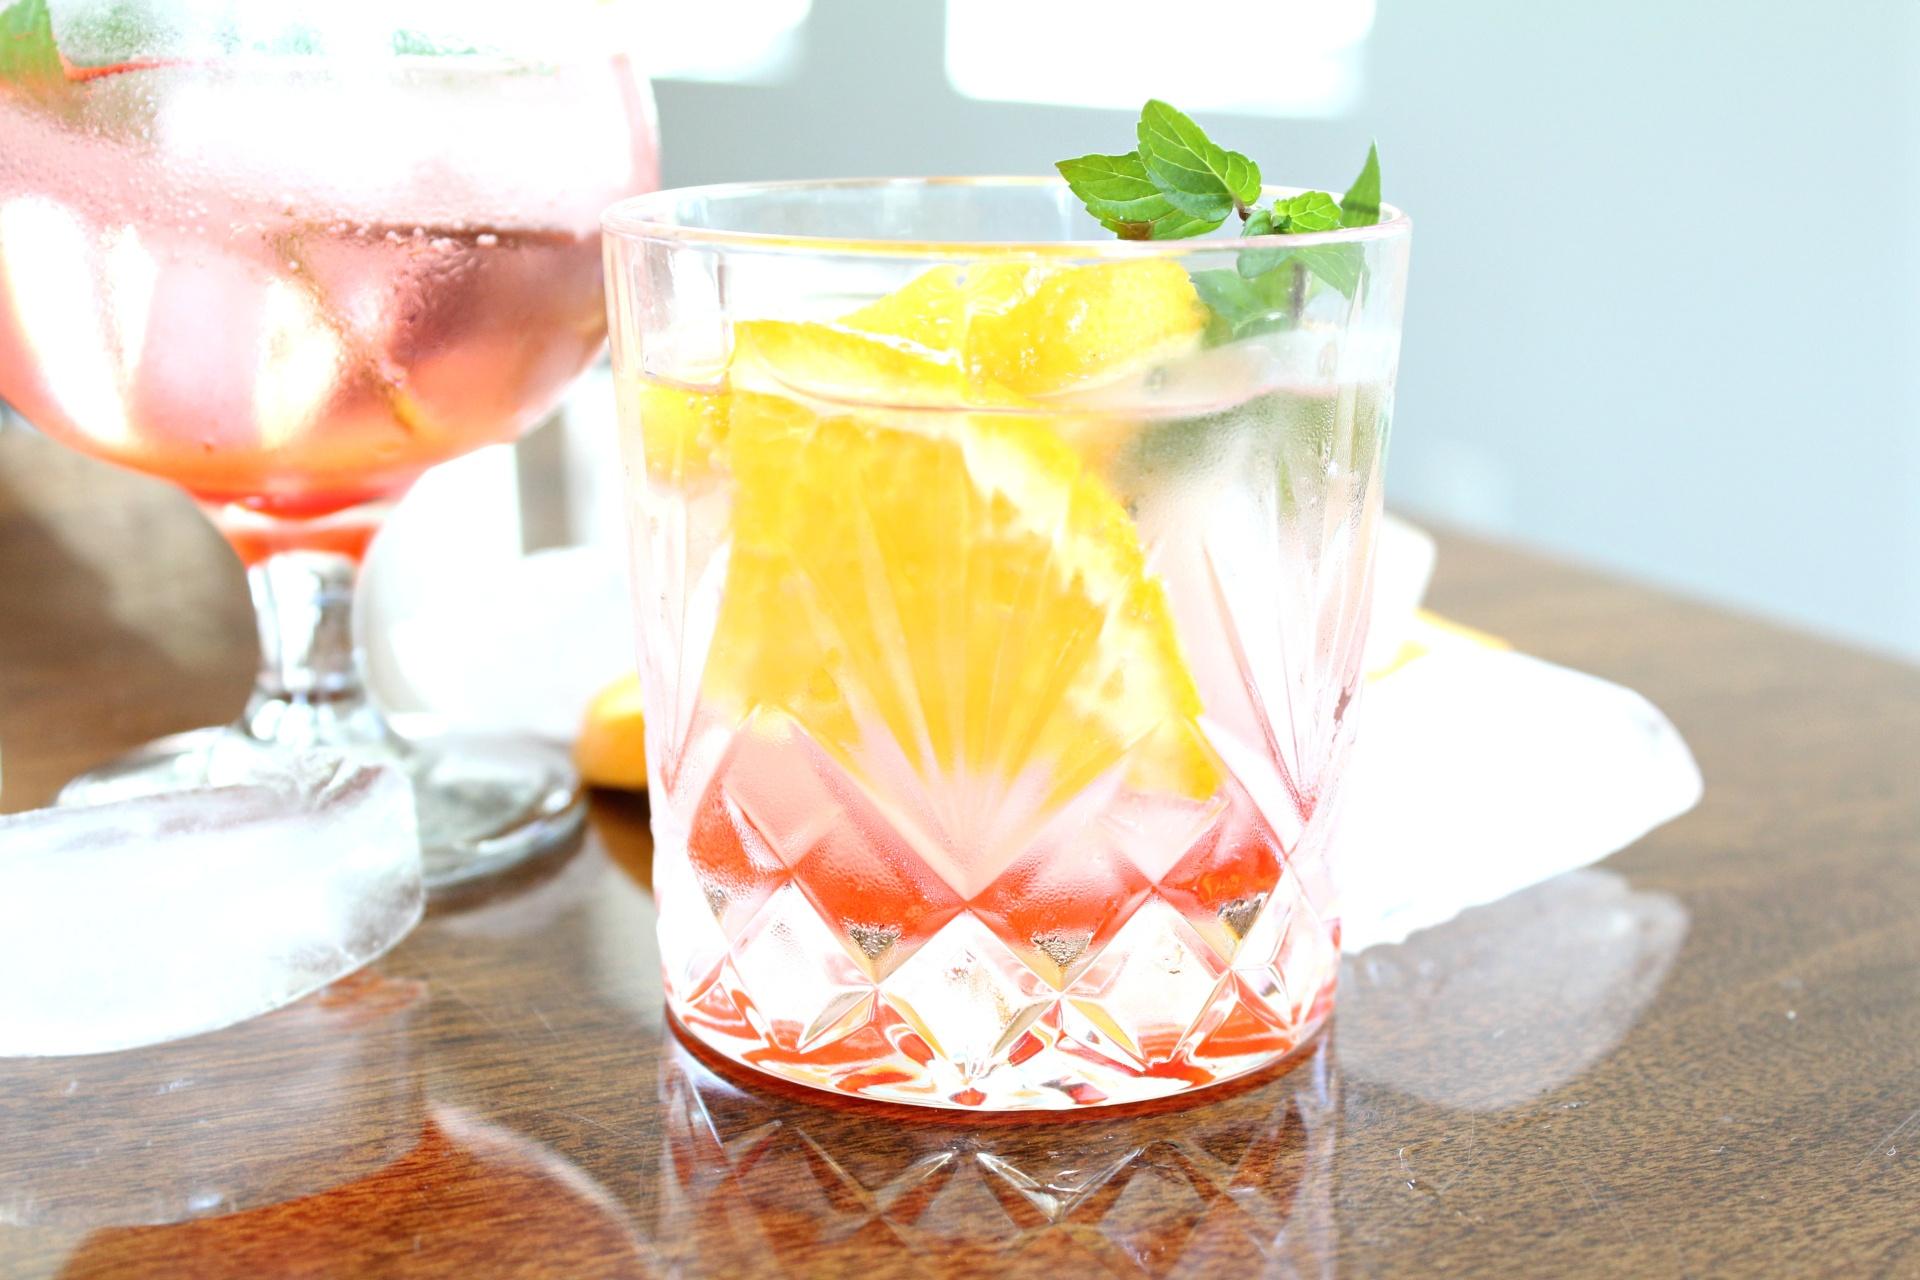 Tasty Gin Daisy Cocktail